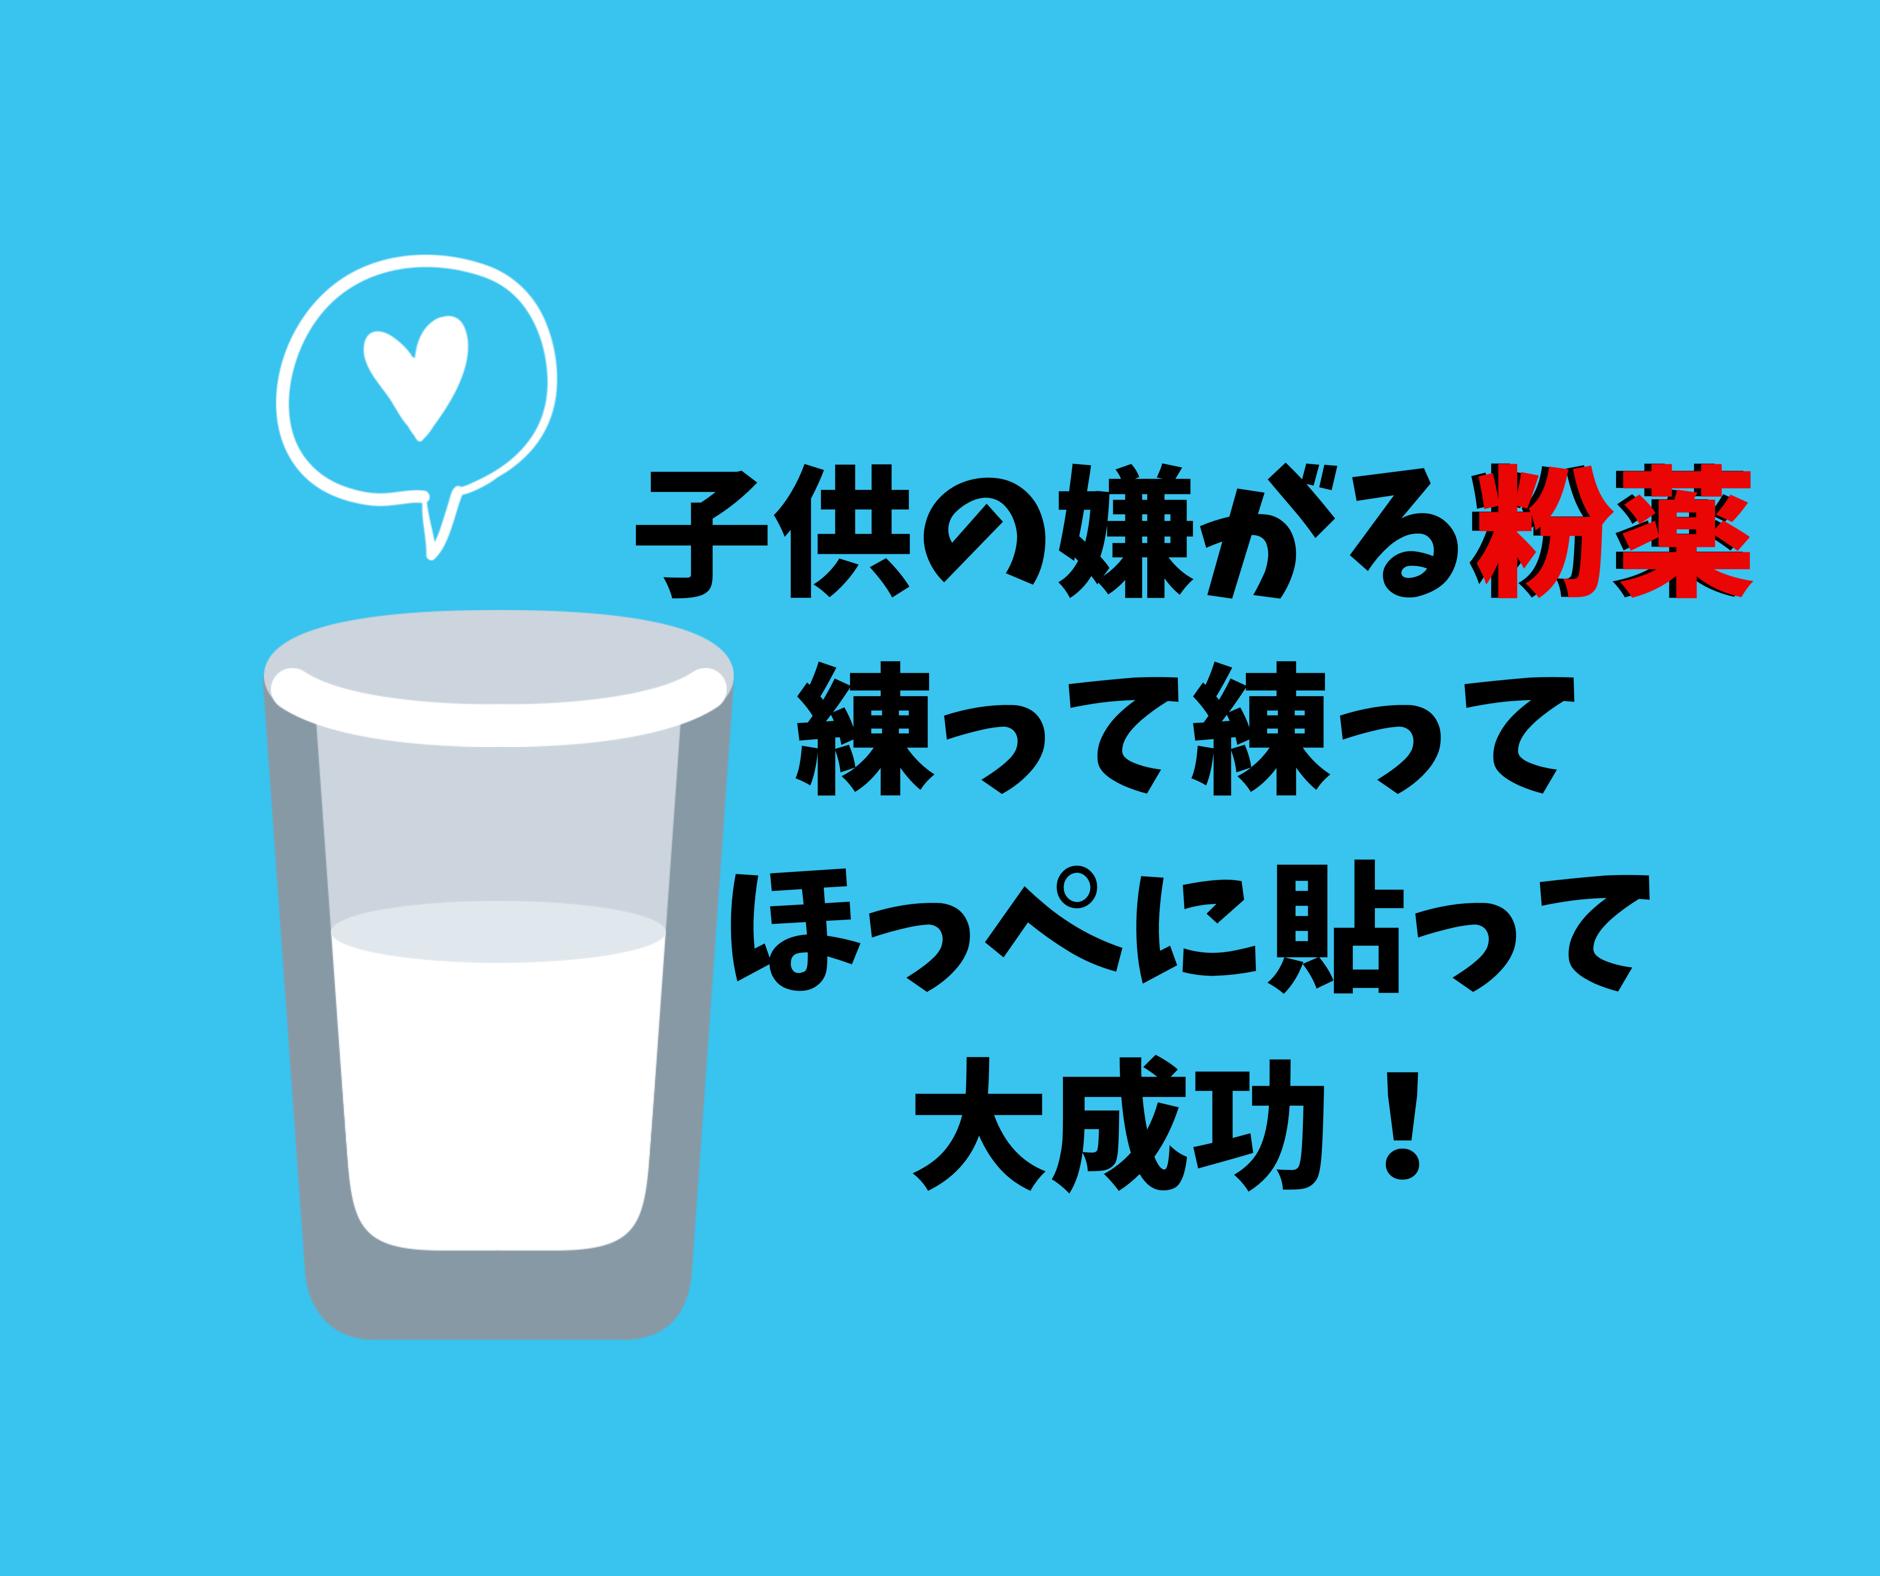 粉薬は少量の水で練ってほっぺの裏に貼ると飲みやすい